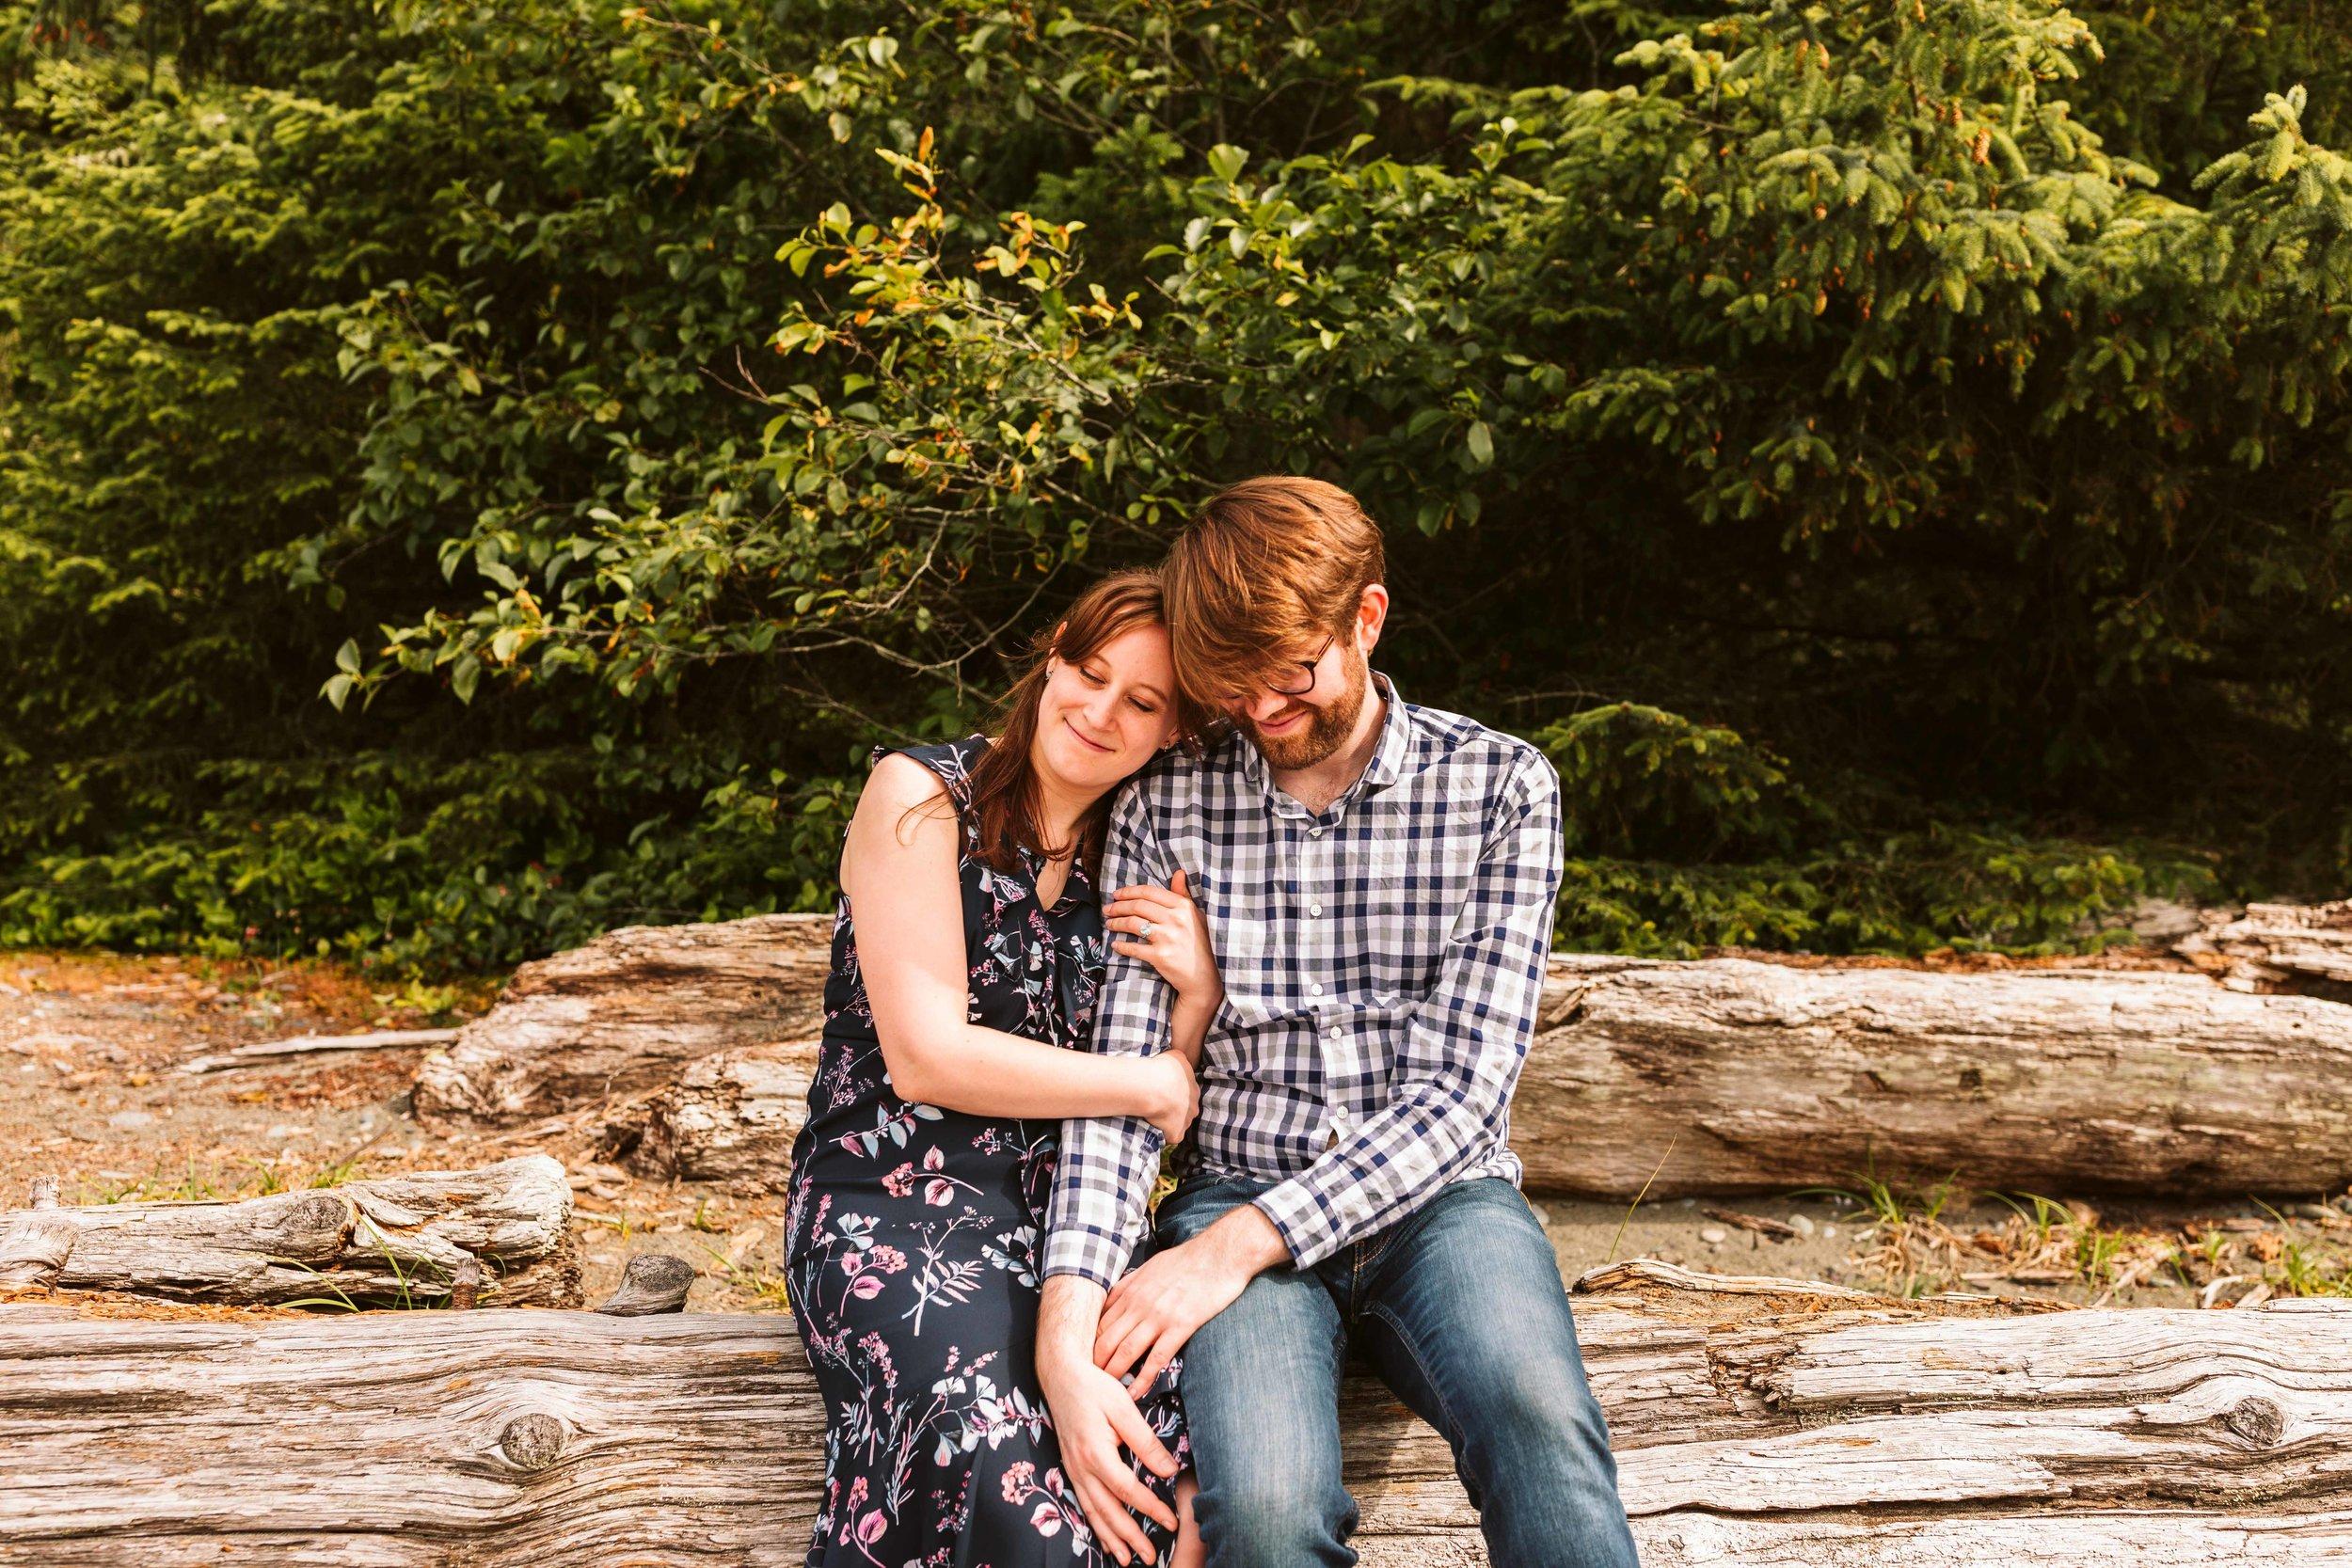 deception-pass-engagement-photos-31.jpg